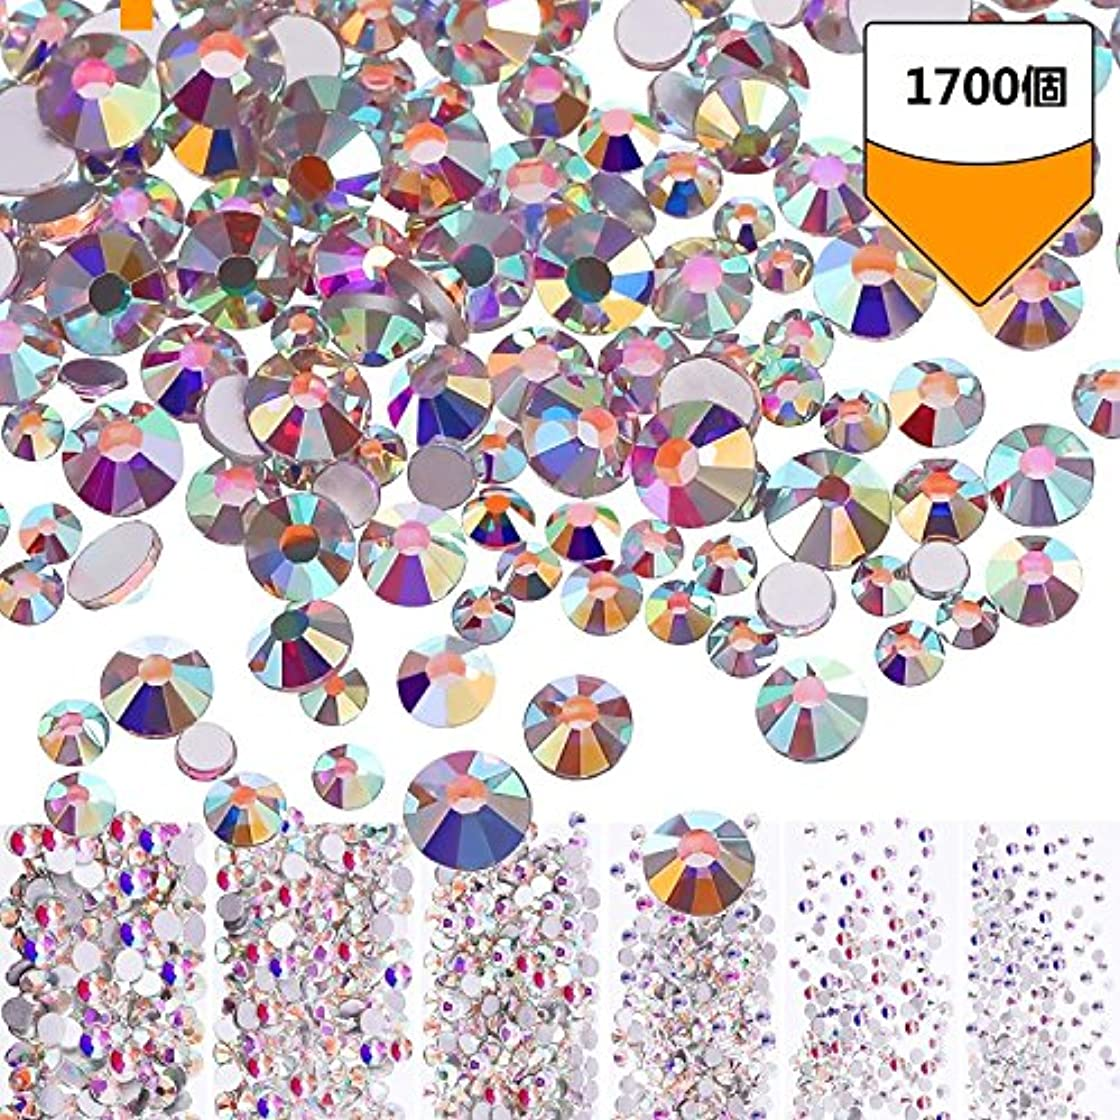 デジタル振動する発掘ラインストーン ネイル デコ ガラスストーン クリスタル 改良 高品質ガラス製ラインストーン(1.6mm-3mm 約1700粒)